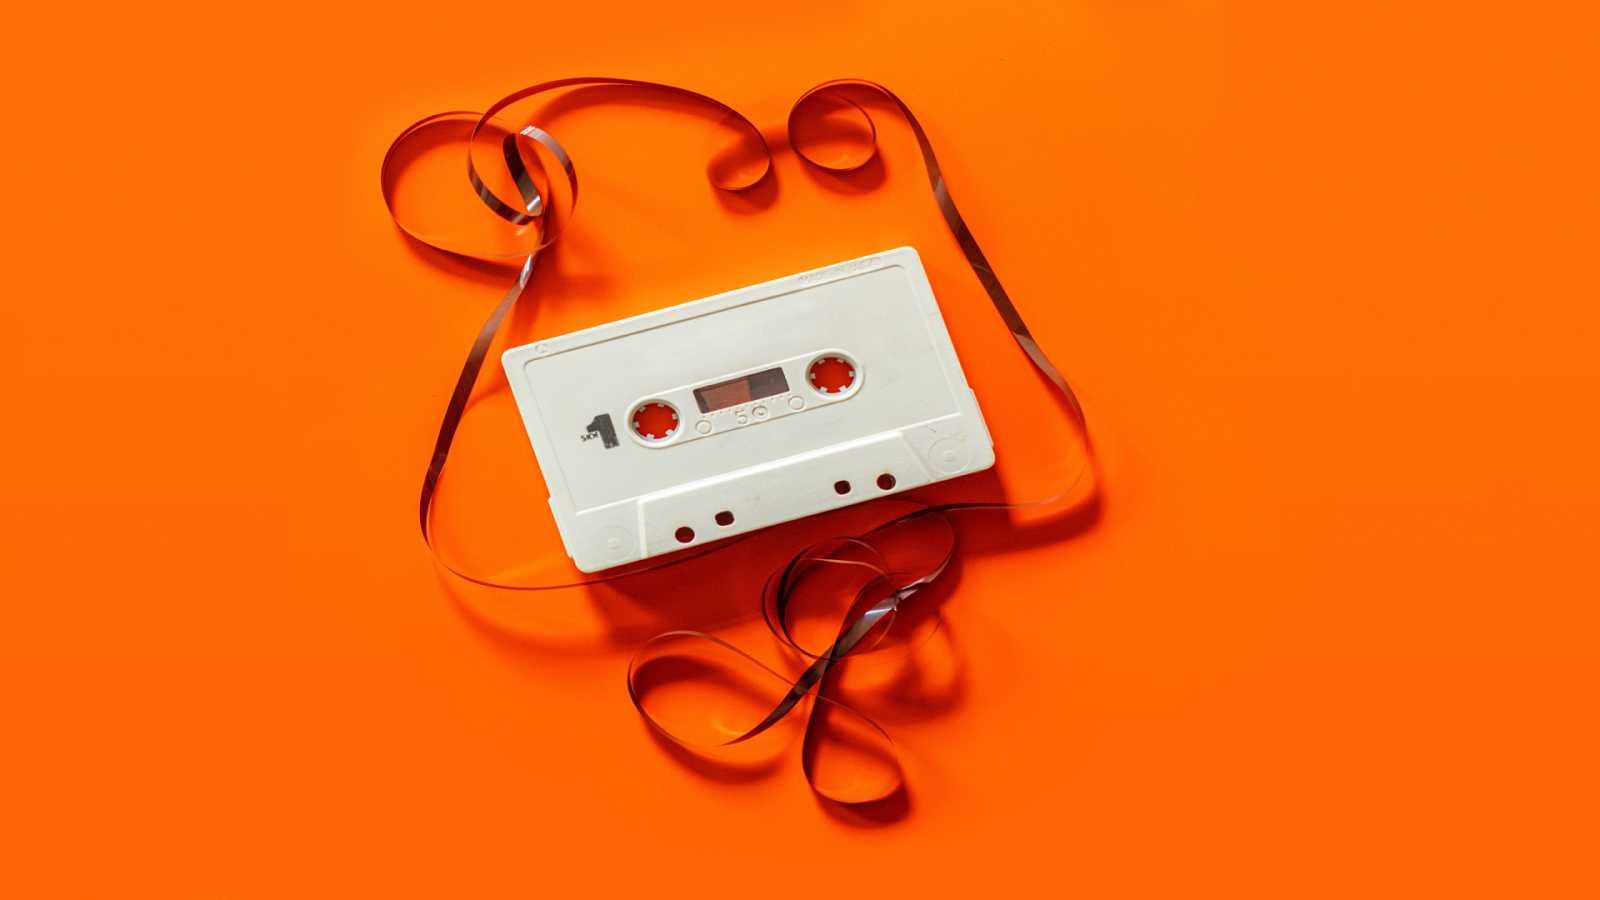 A lo loco y con patines - Música para ordenar tus artefactos musicales - 09/10/20 - escuchar ahora